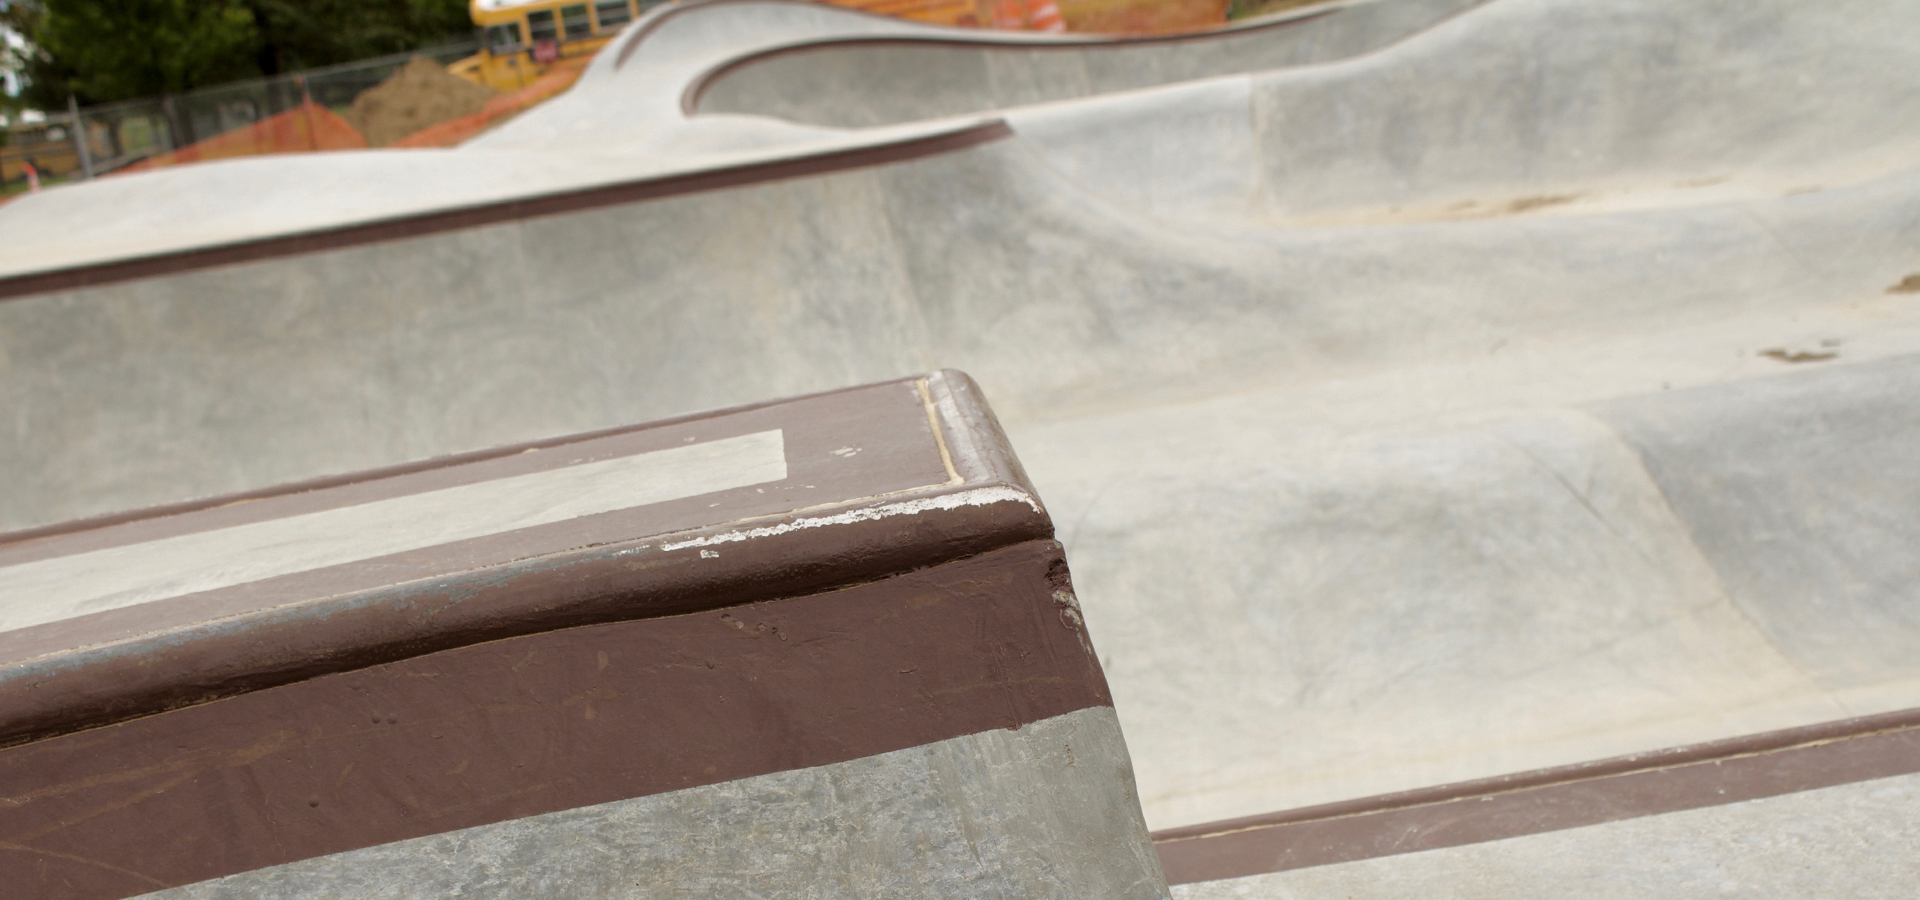 Rockridge-Skate-Park-in-Bend